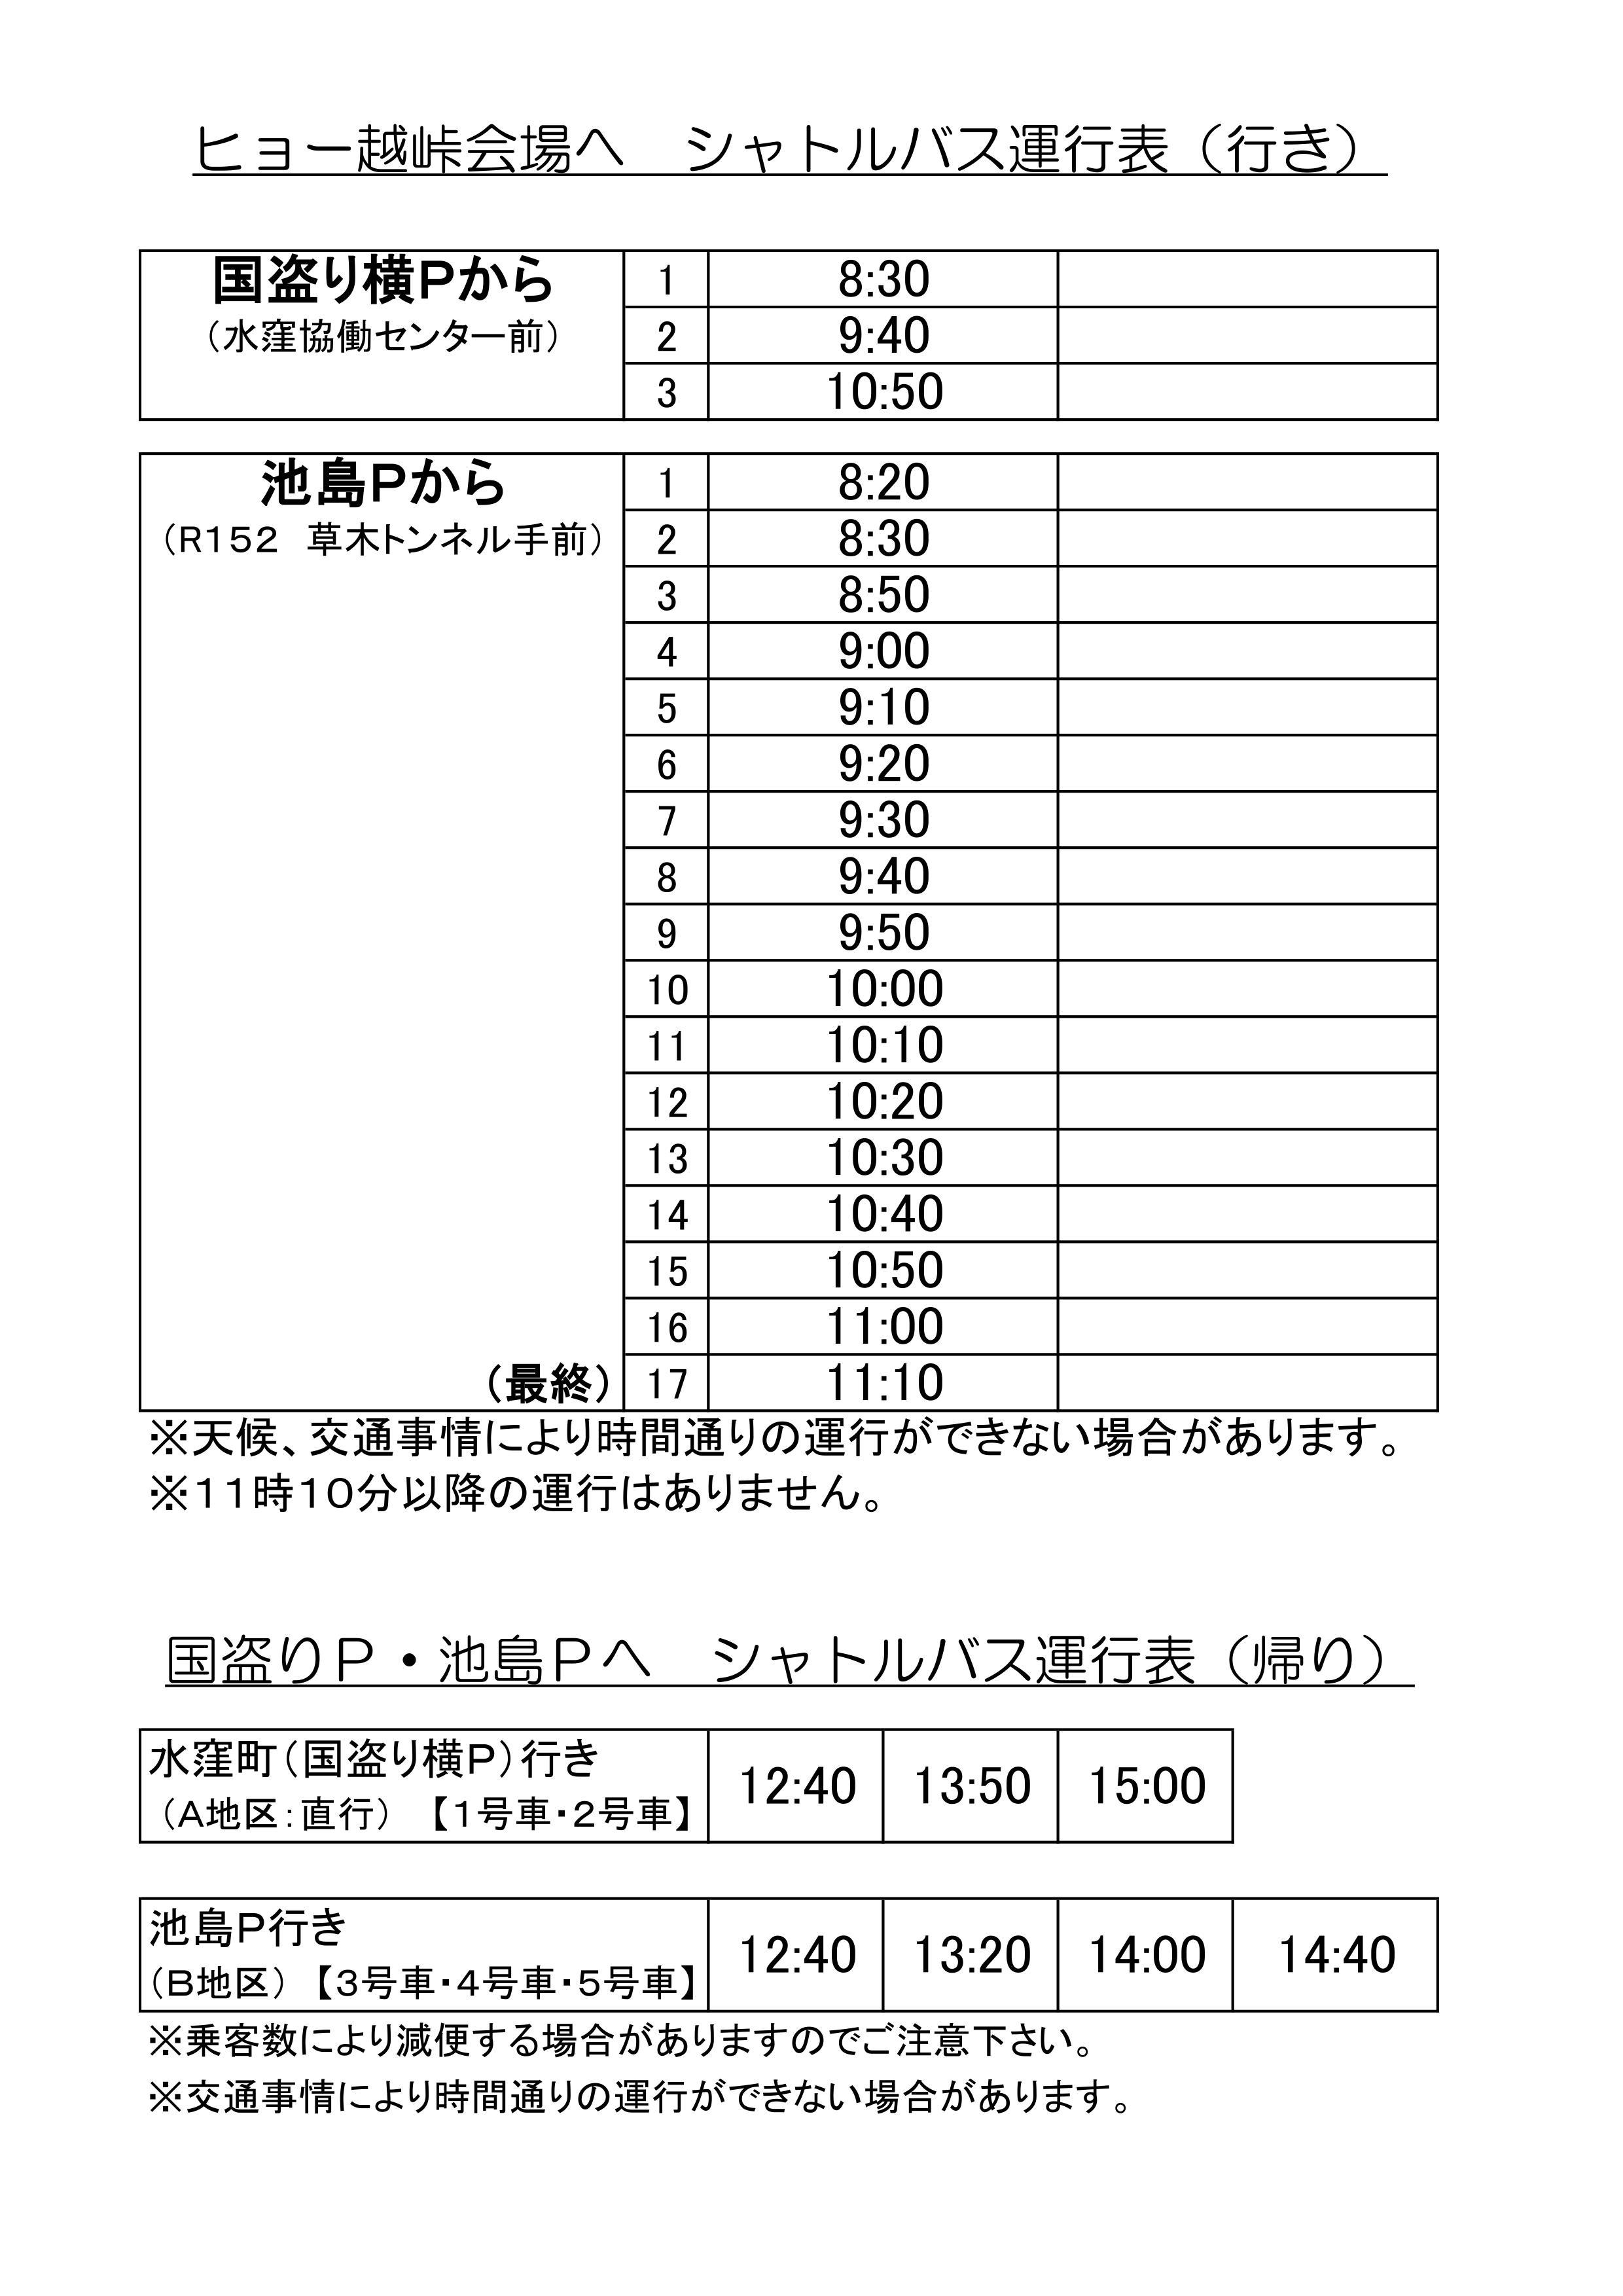 綱引きチラシ2(バス時刻表)